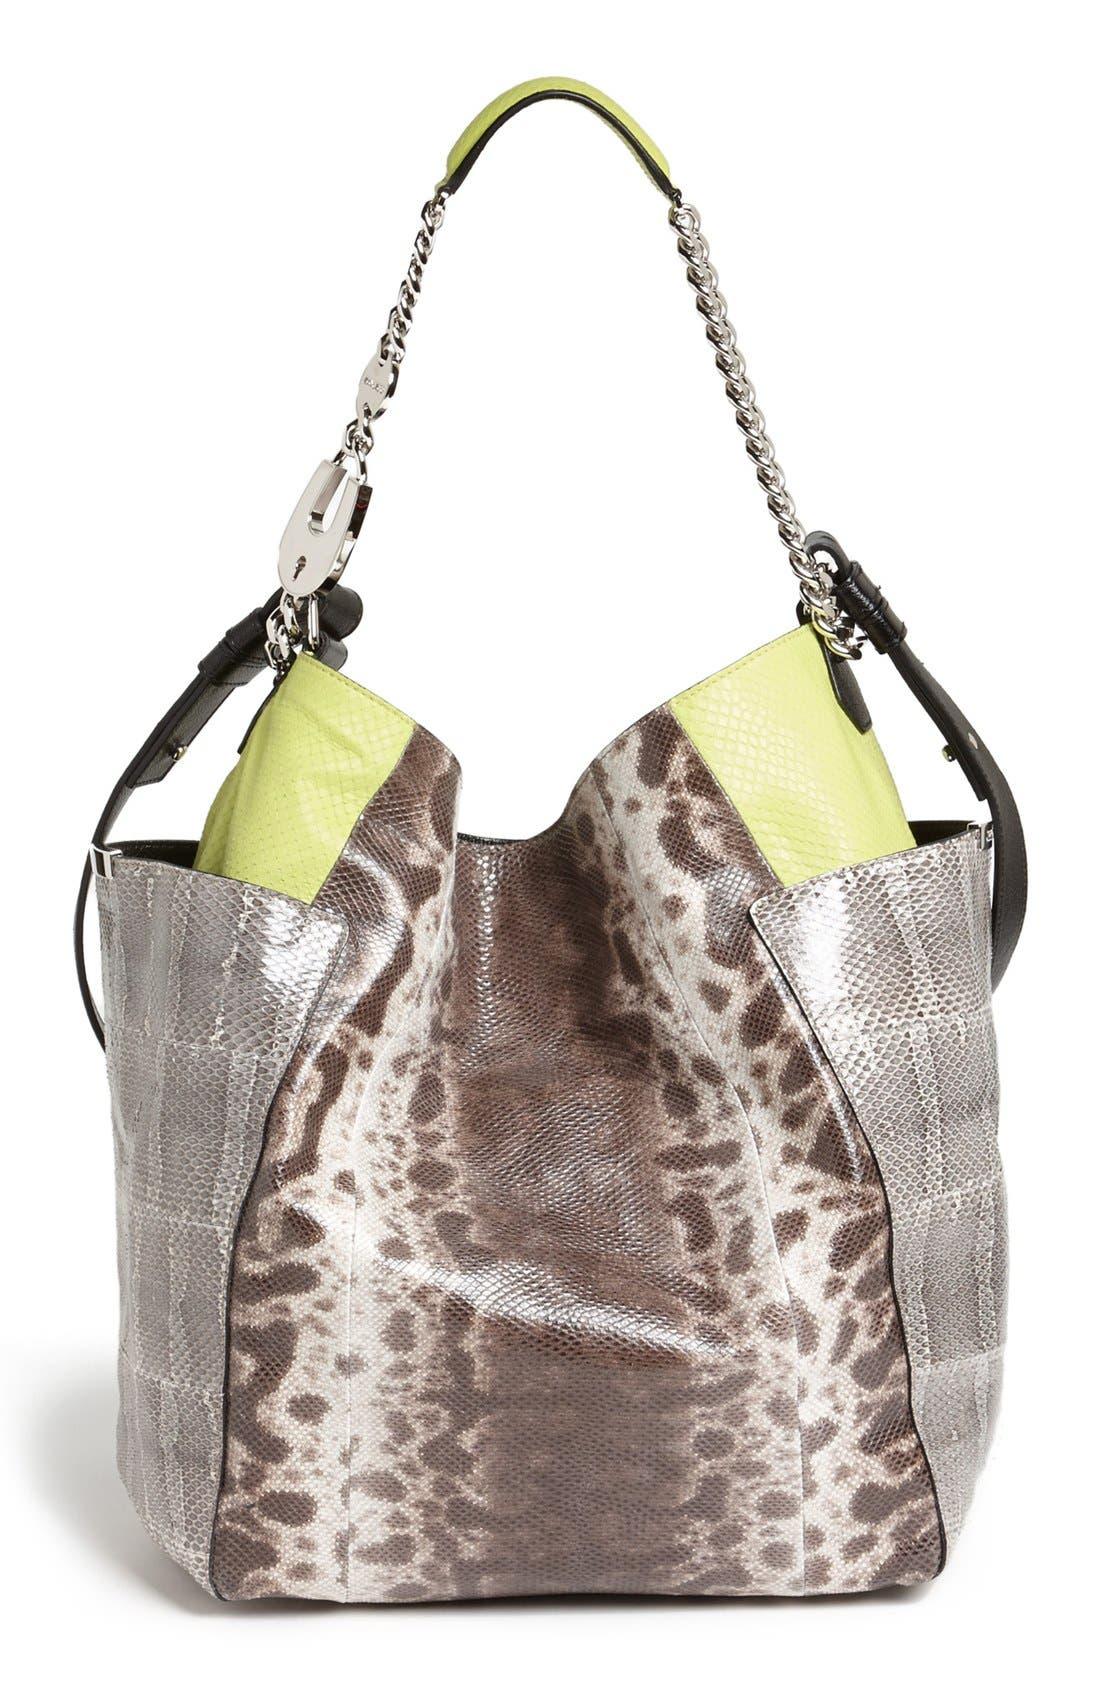 Alternate Image 1 Selected - Jimmy Choo 'Anna' Shoulder Bag